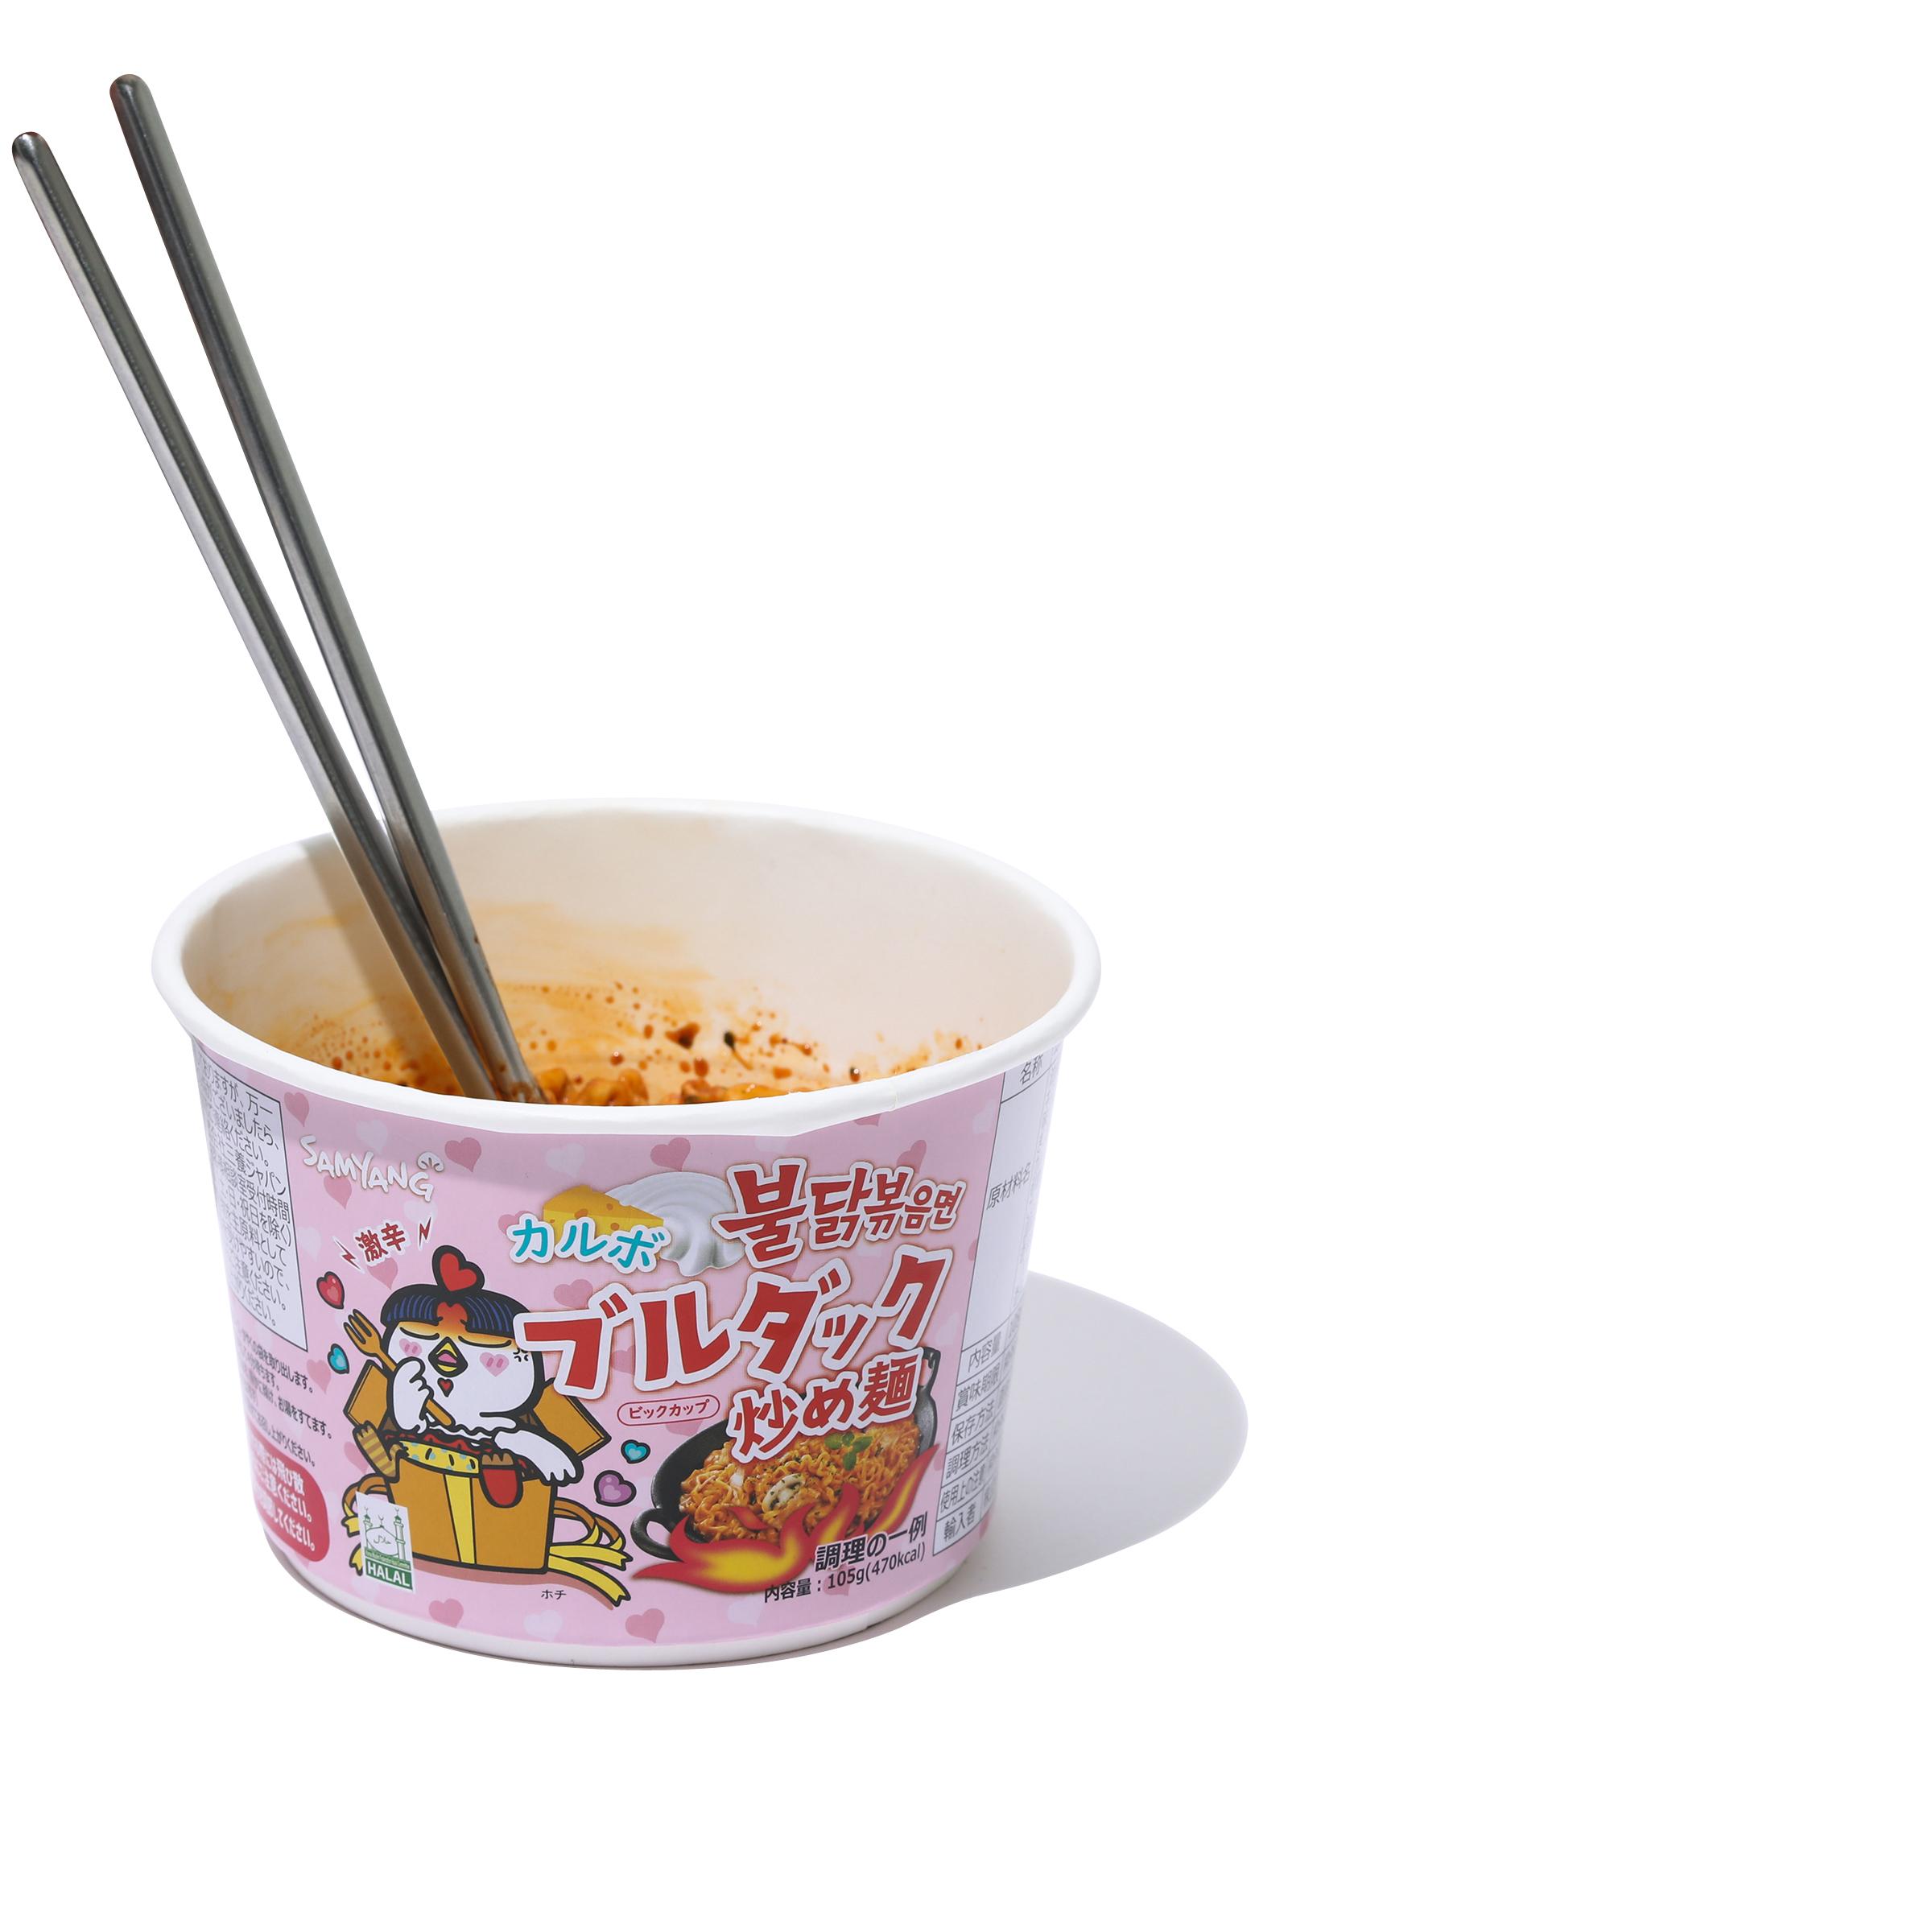 ブルダックポックンミョンのカルボ麺